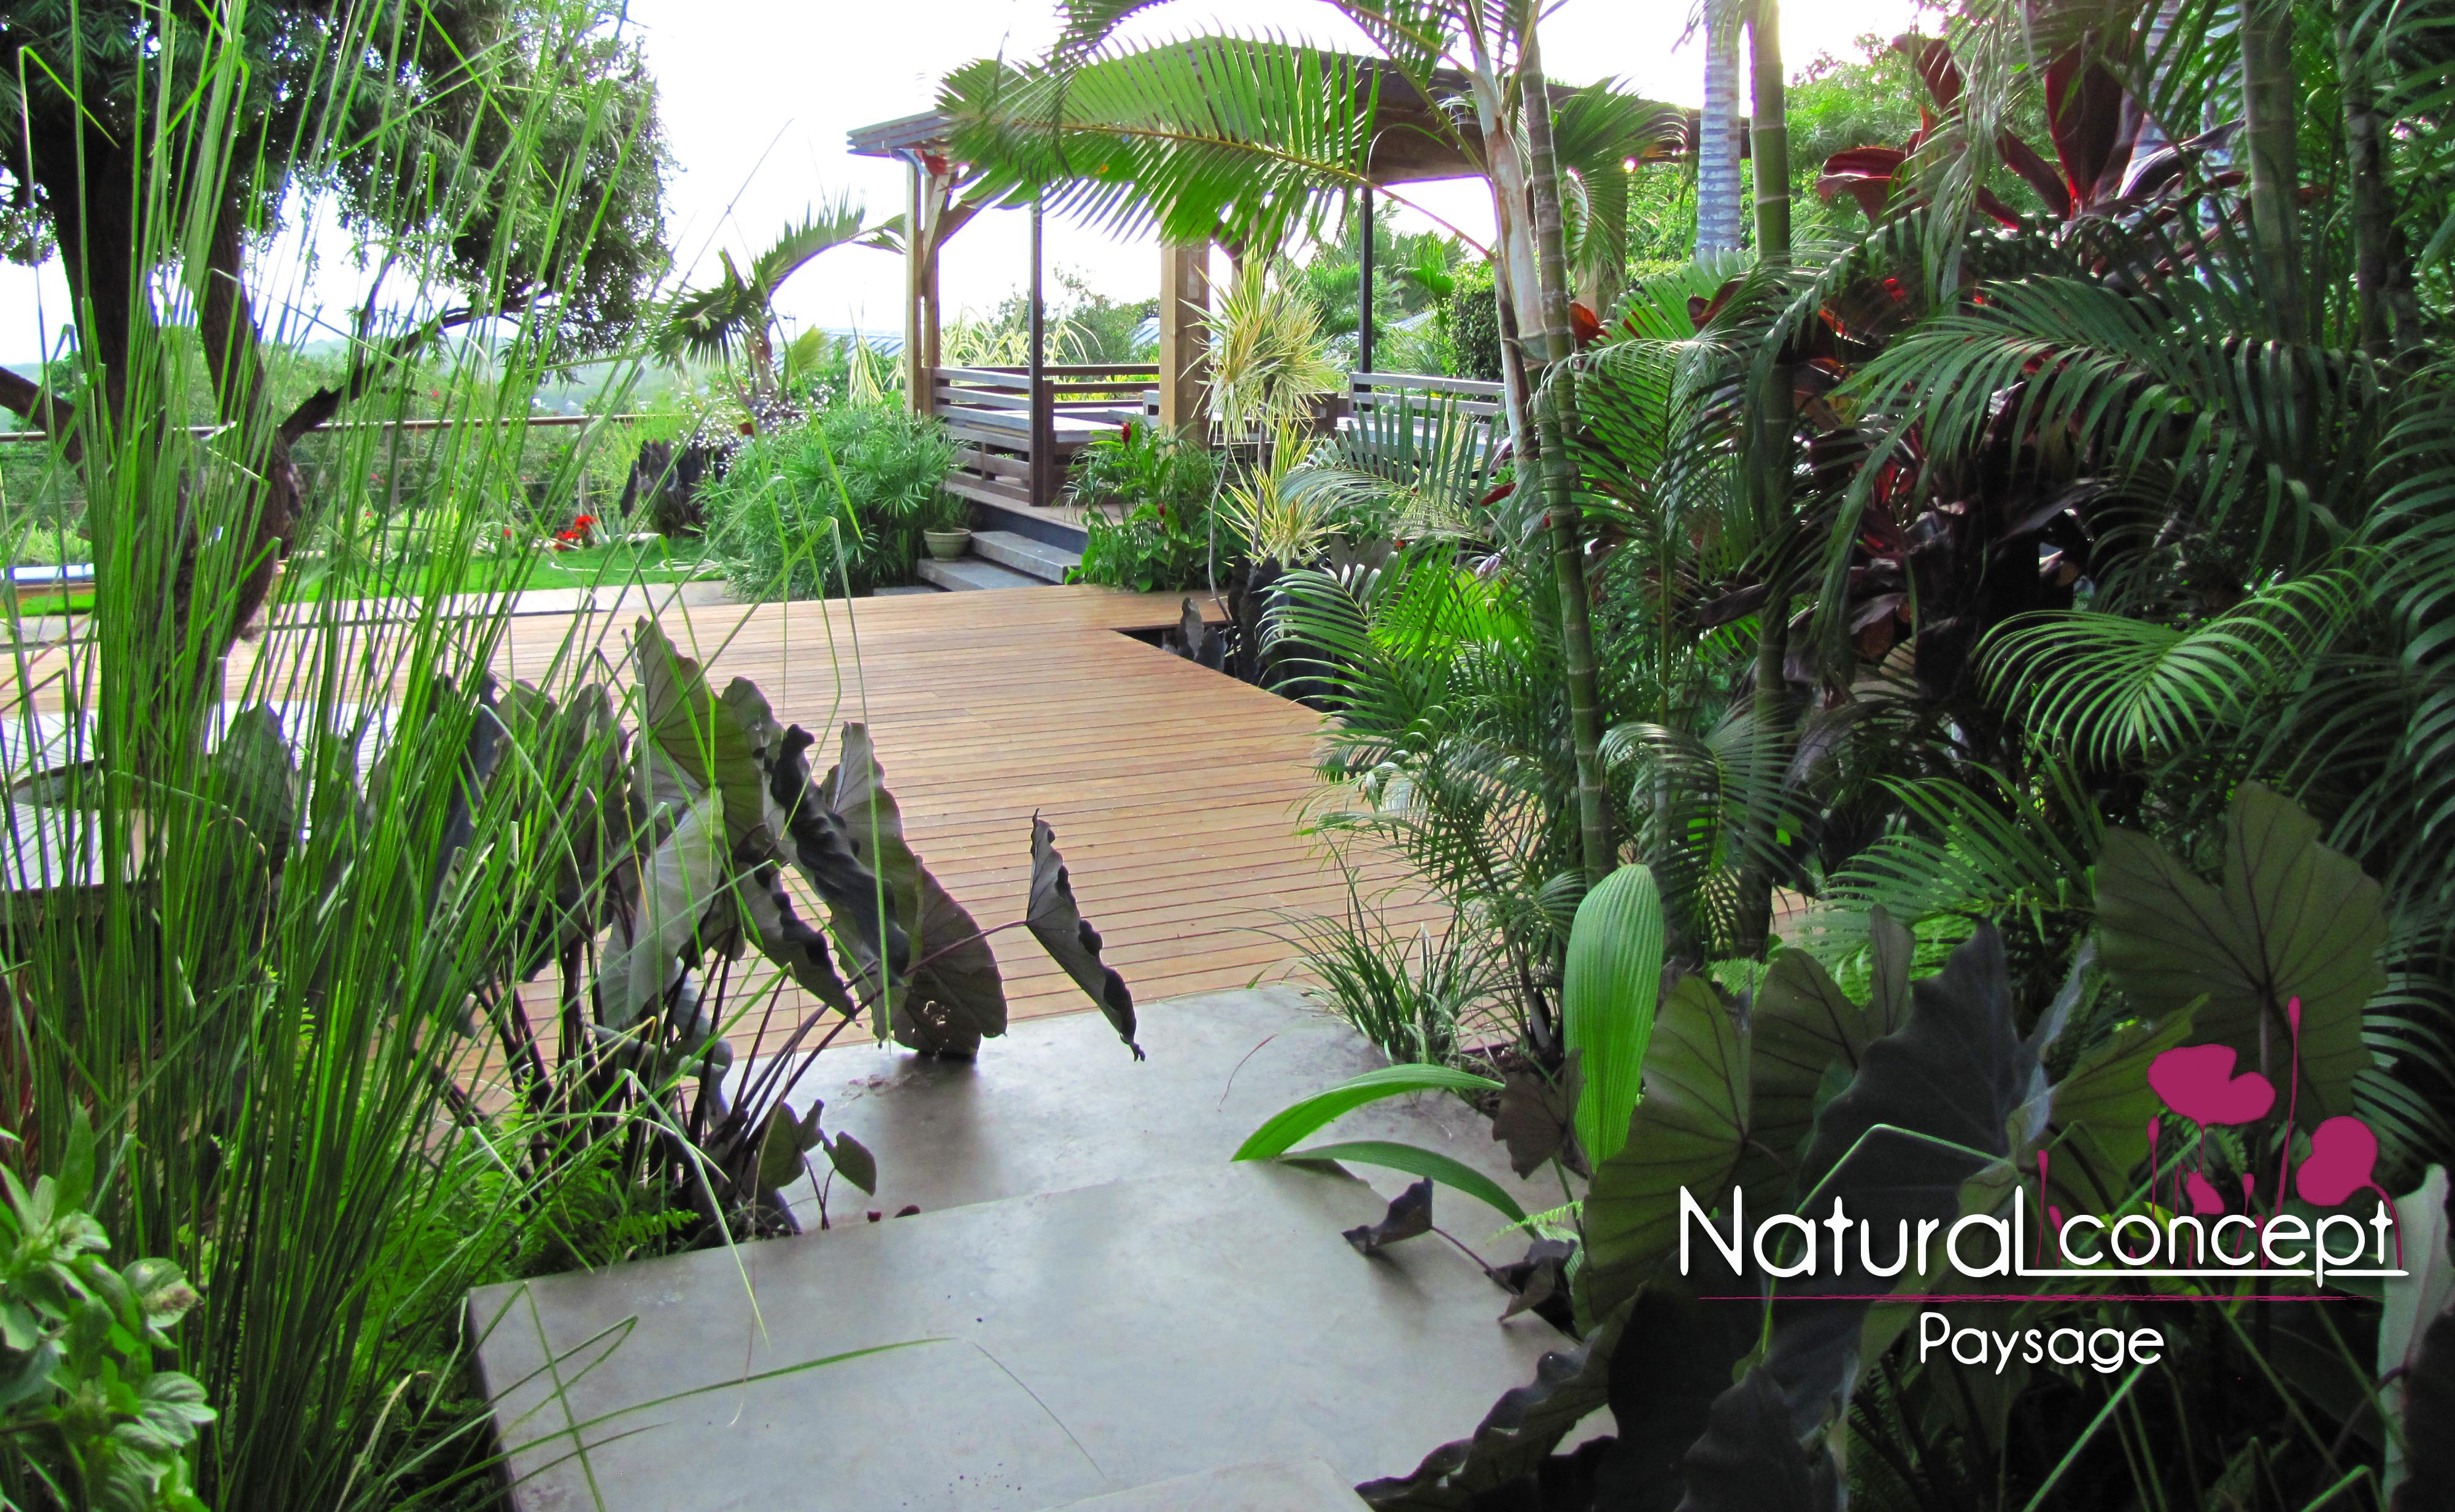 natural concept paysage jardin tropical exotique paysagiste reunon 974 natural concept. Black Bedroom Furniture Sets. Home Design Ideas